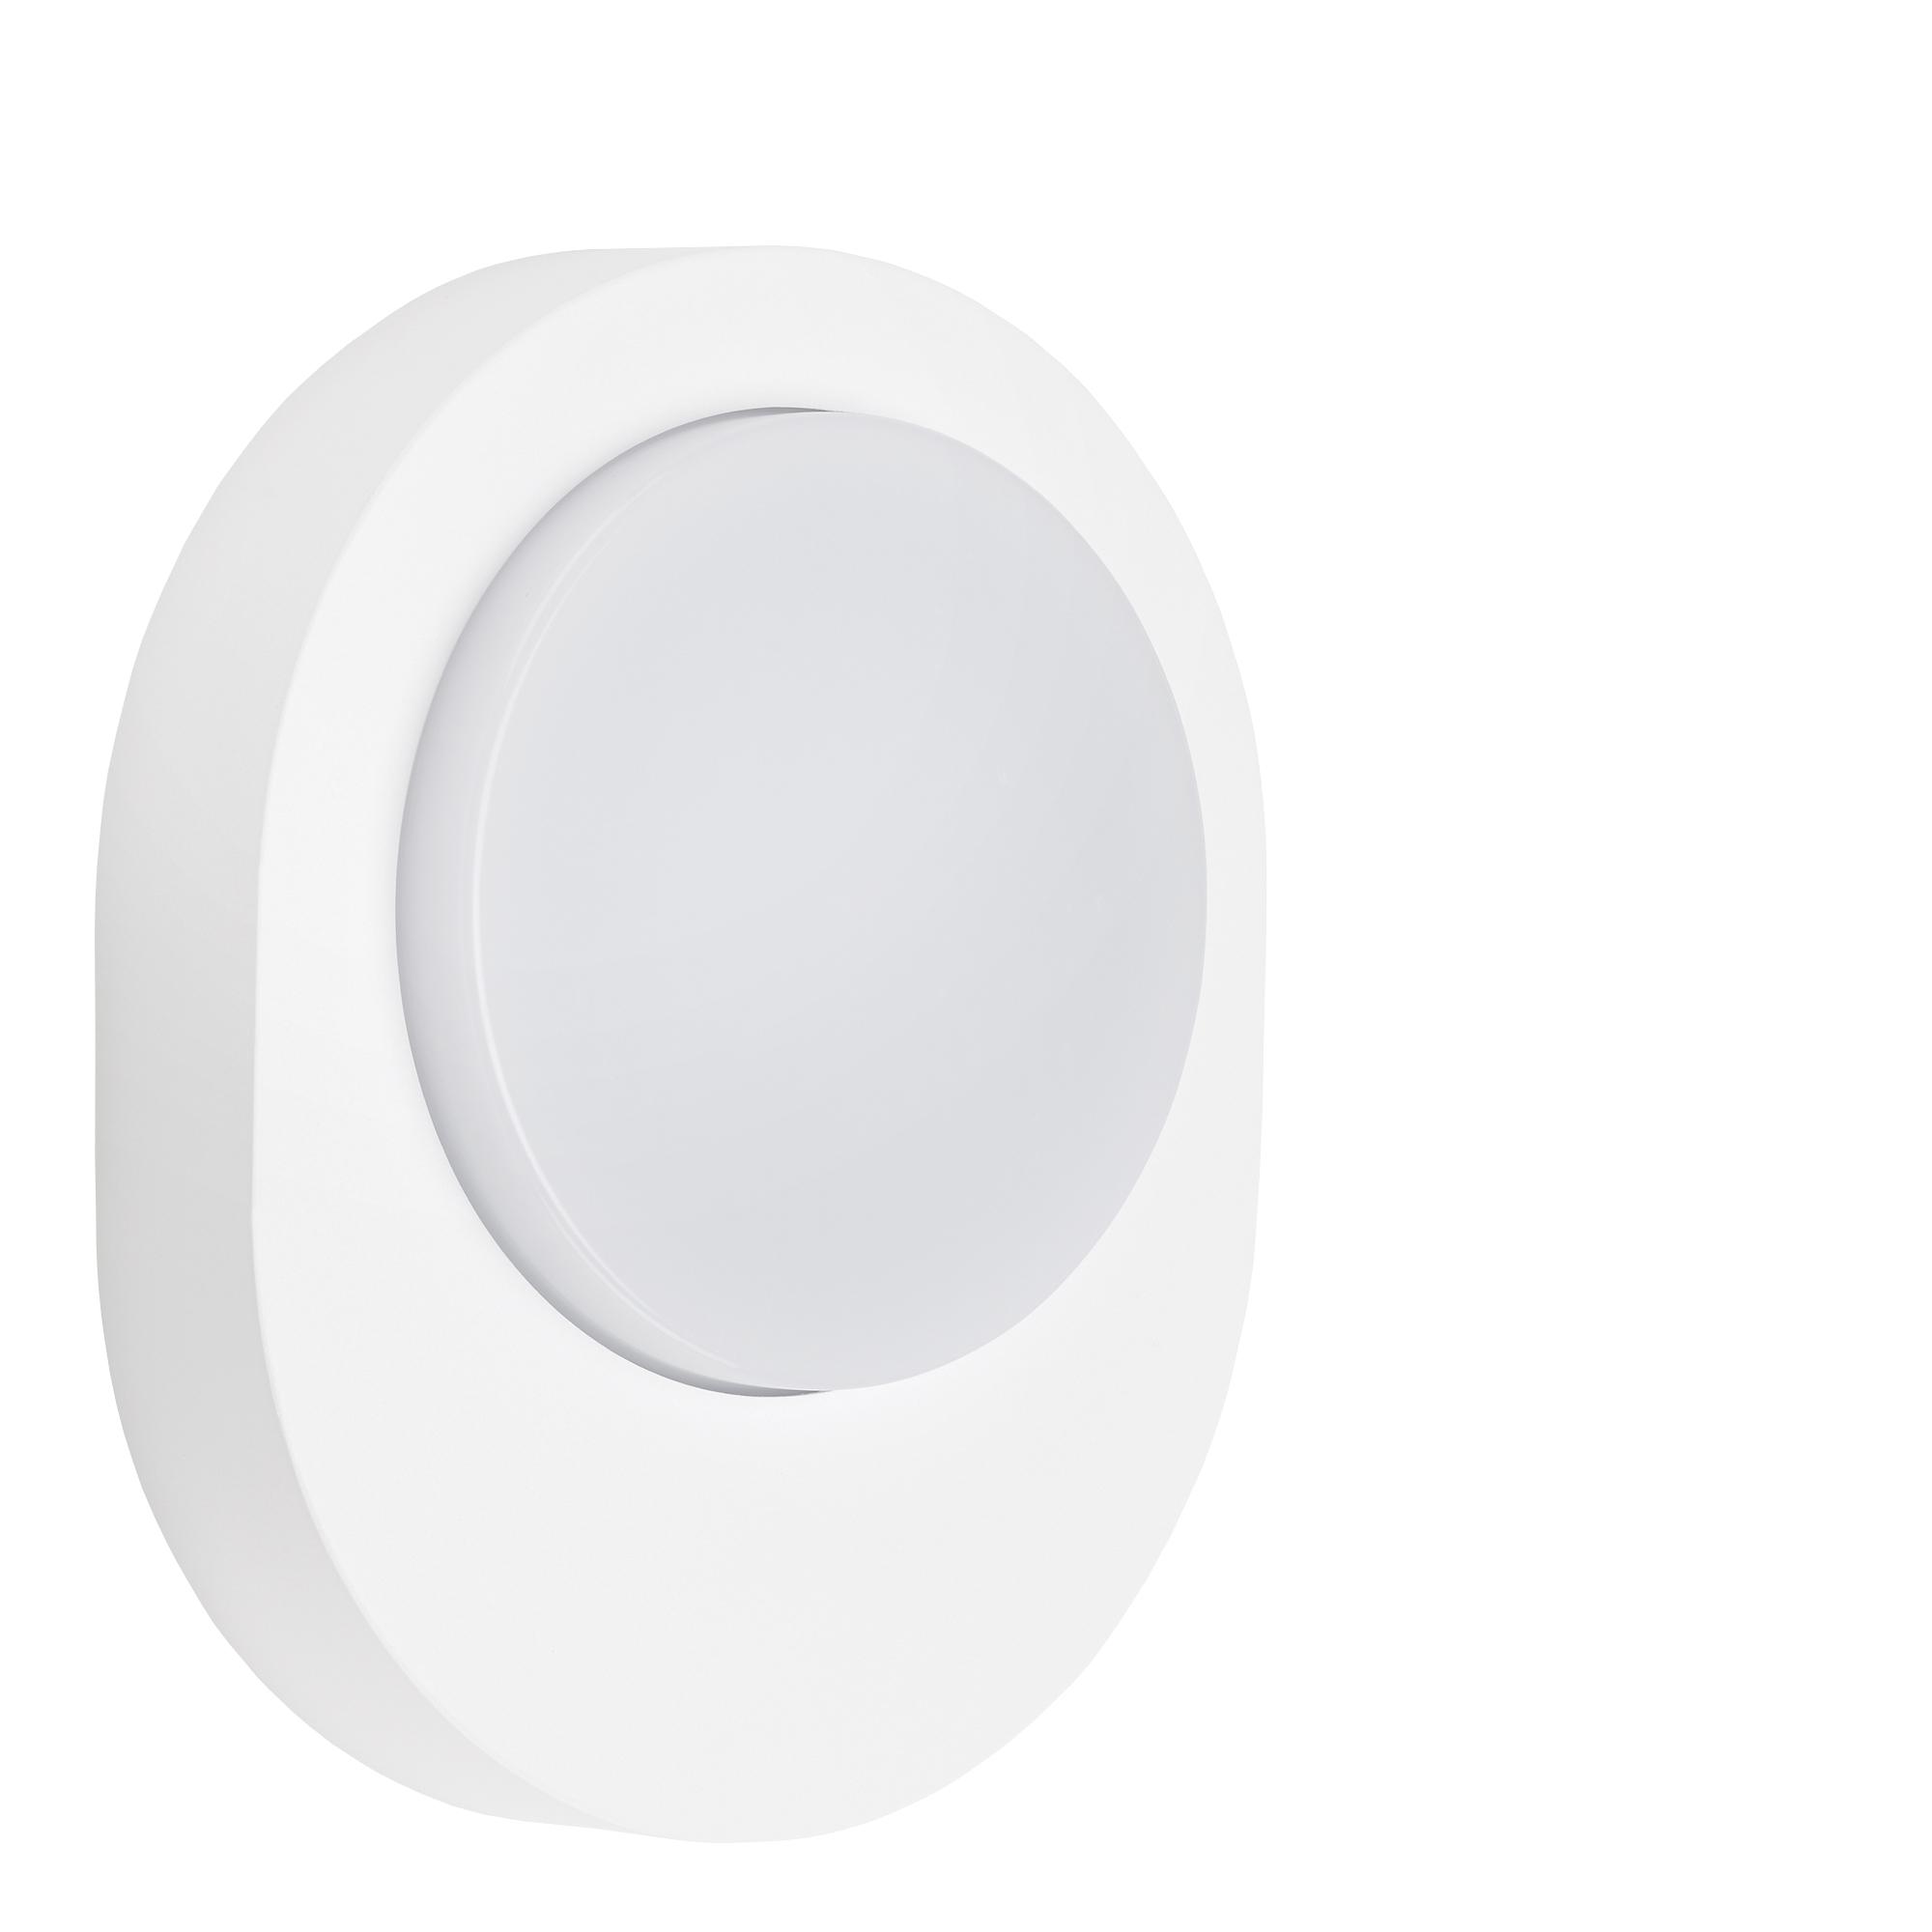 TELEFUNKEN LED Außenwandleuchte, 20 cm, 8 W, Weiß